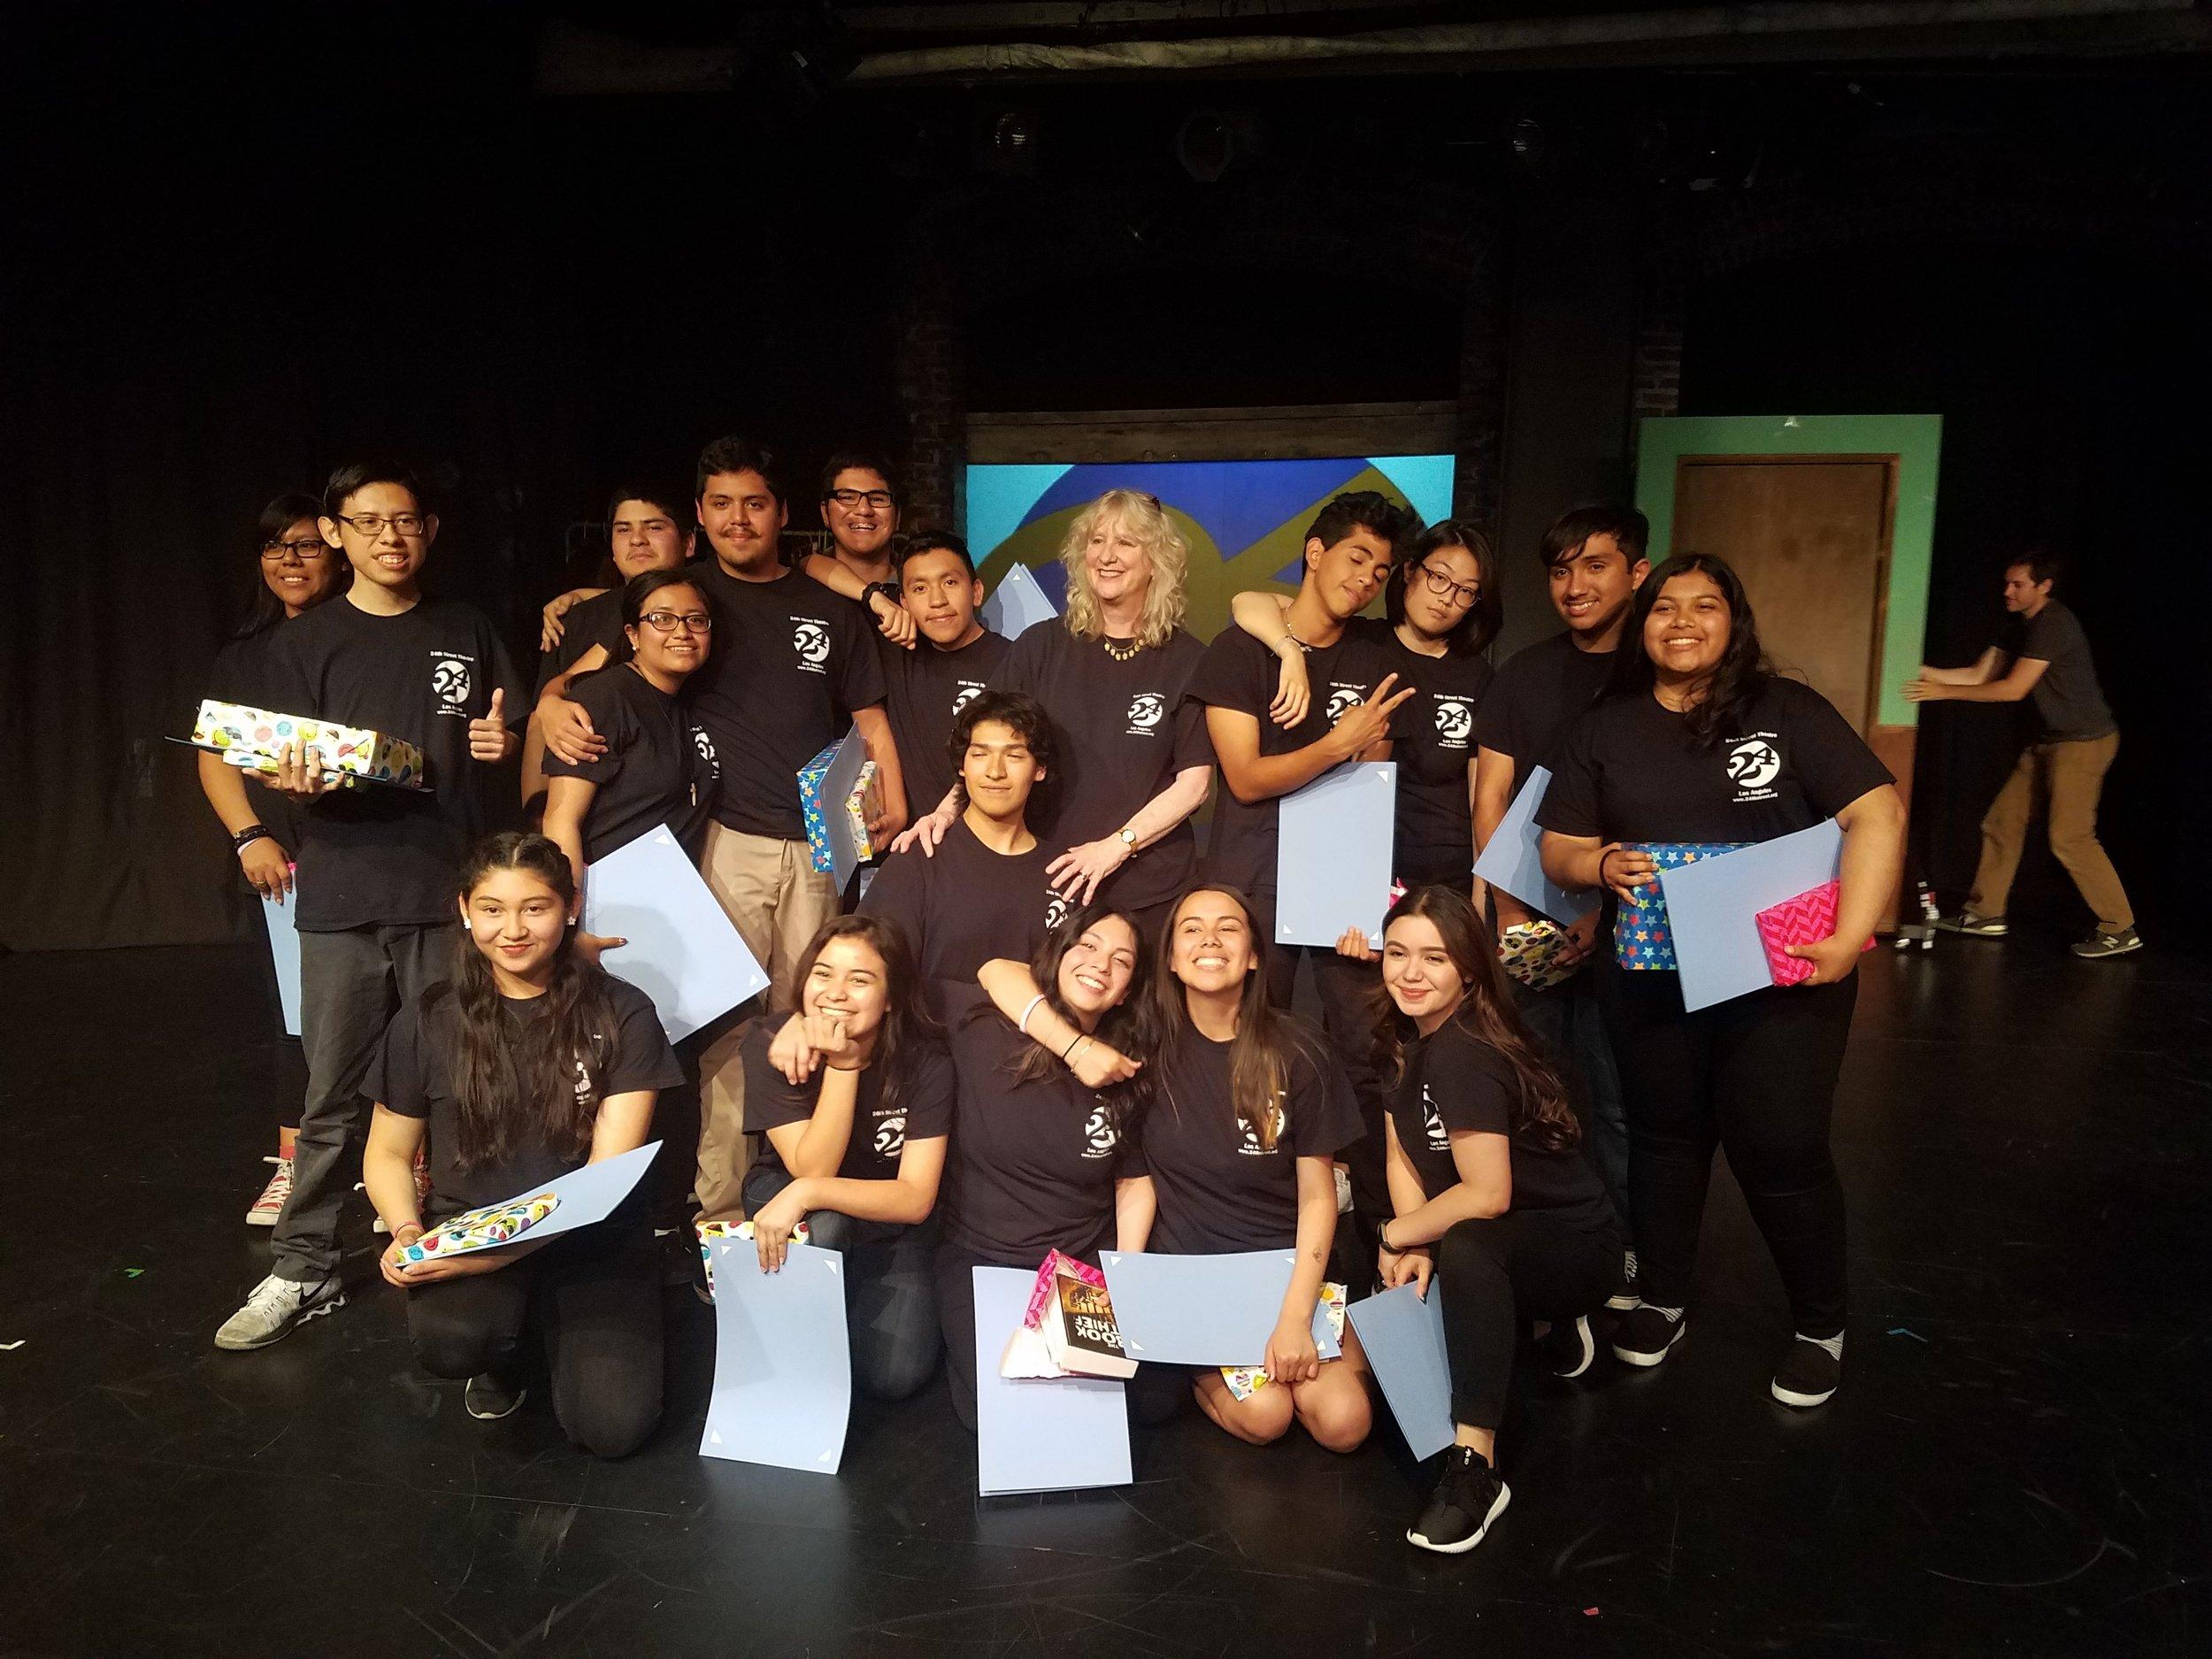 Teen Leadership Academy - Volunteer, Mentor, Lead